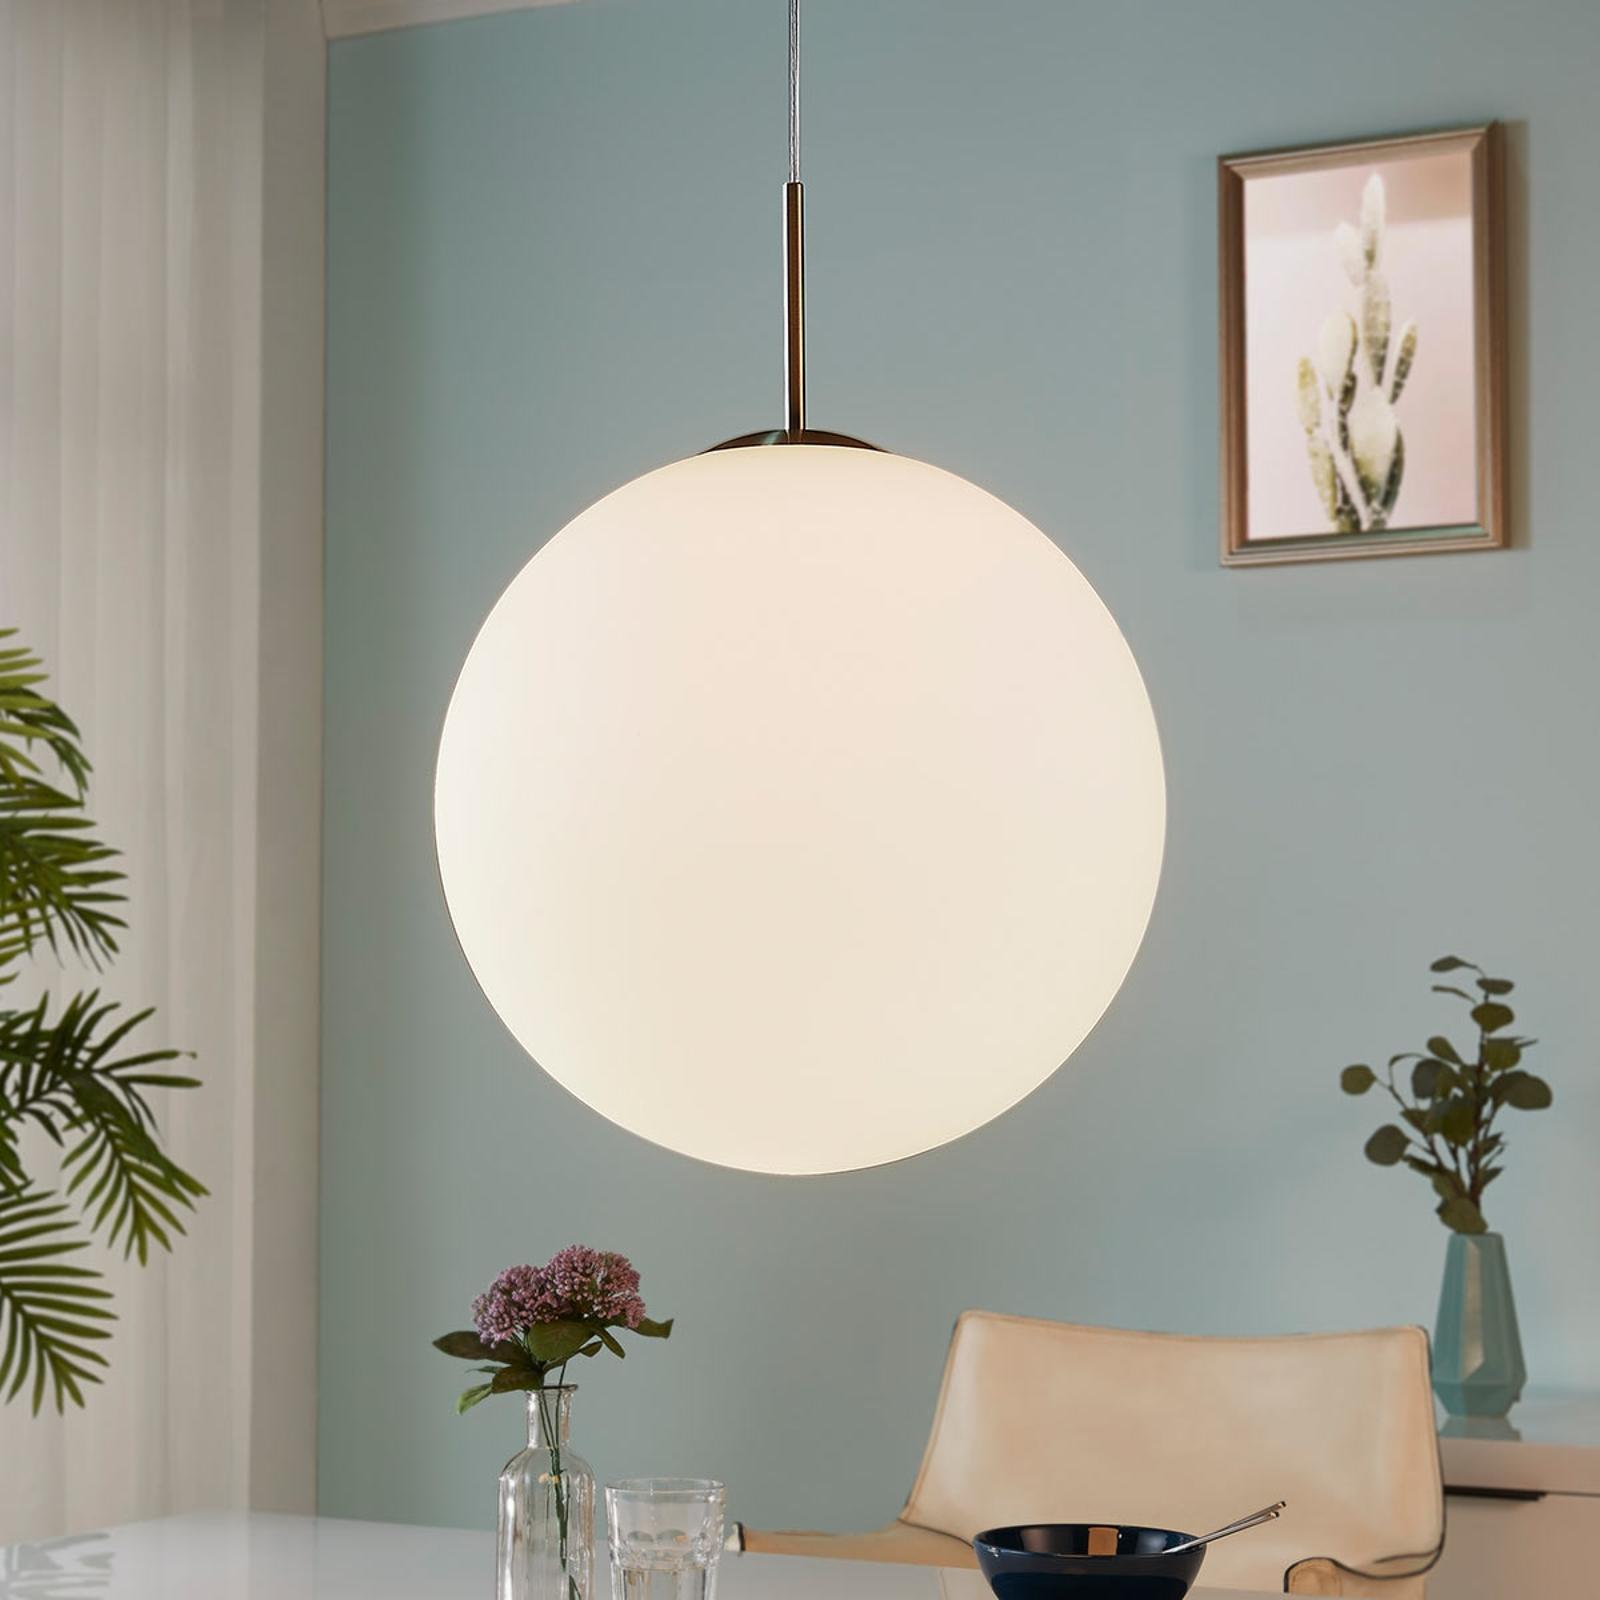 Kulista lampa wisząca Marike opalowe szkło, 40 cm